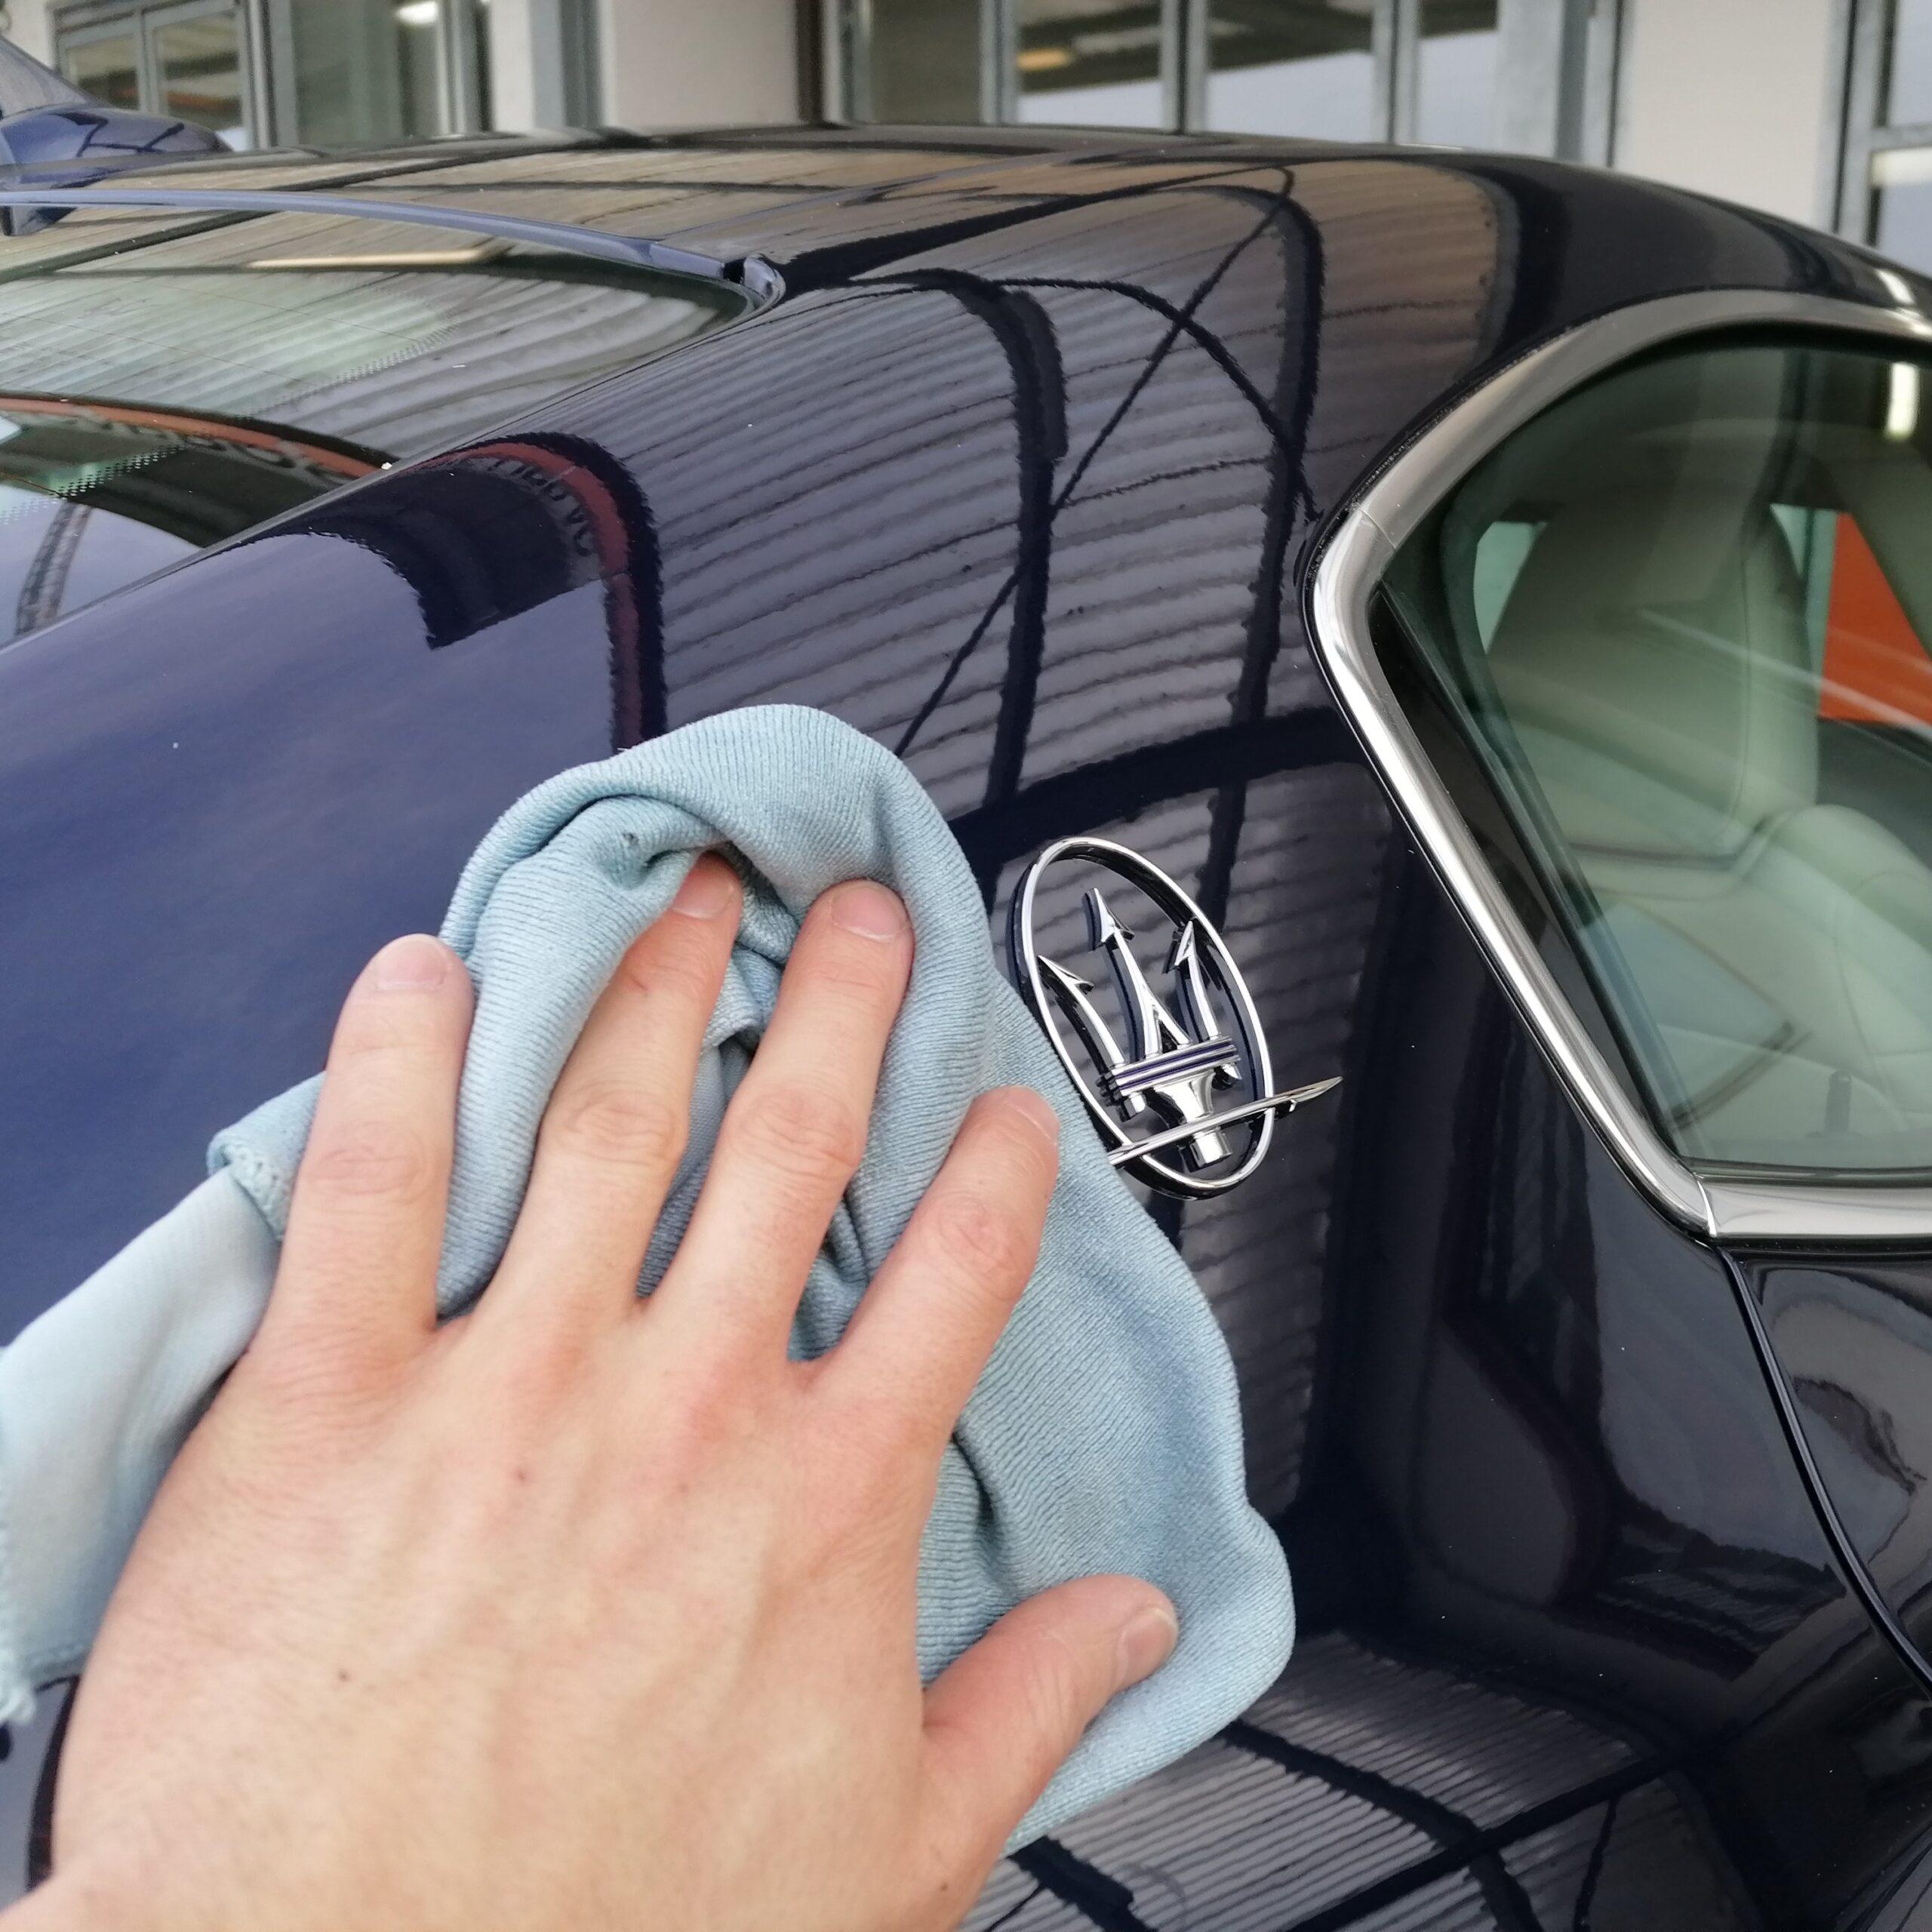 Aus einem abgenutzten und verschmutzten Fahrzeug holen wir das Beste raus.